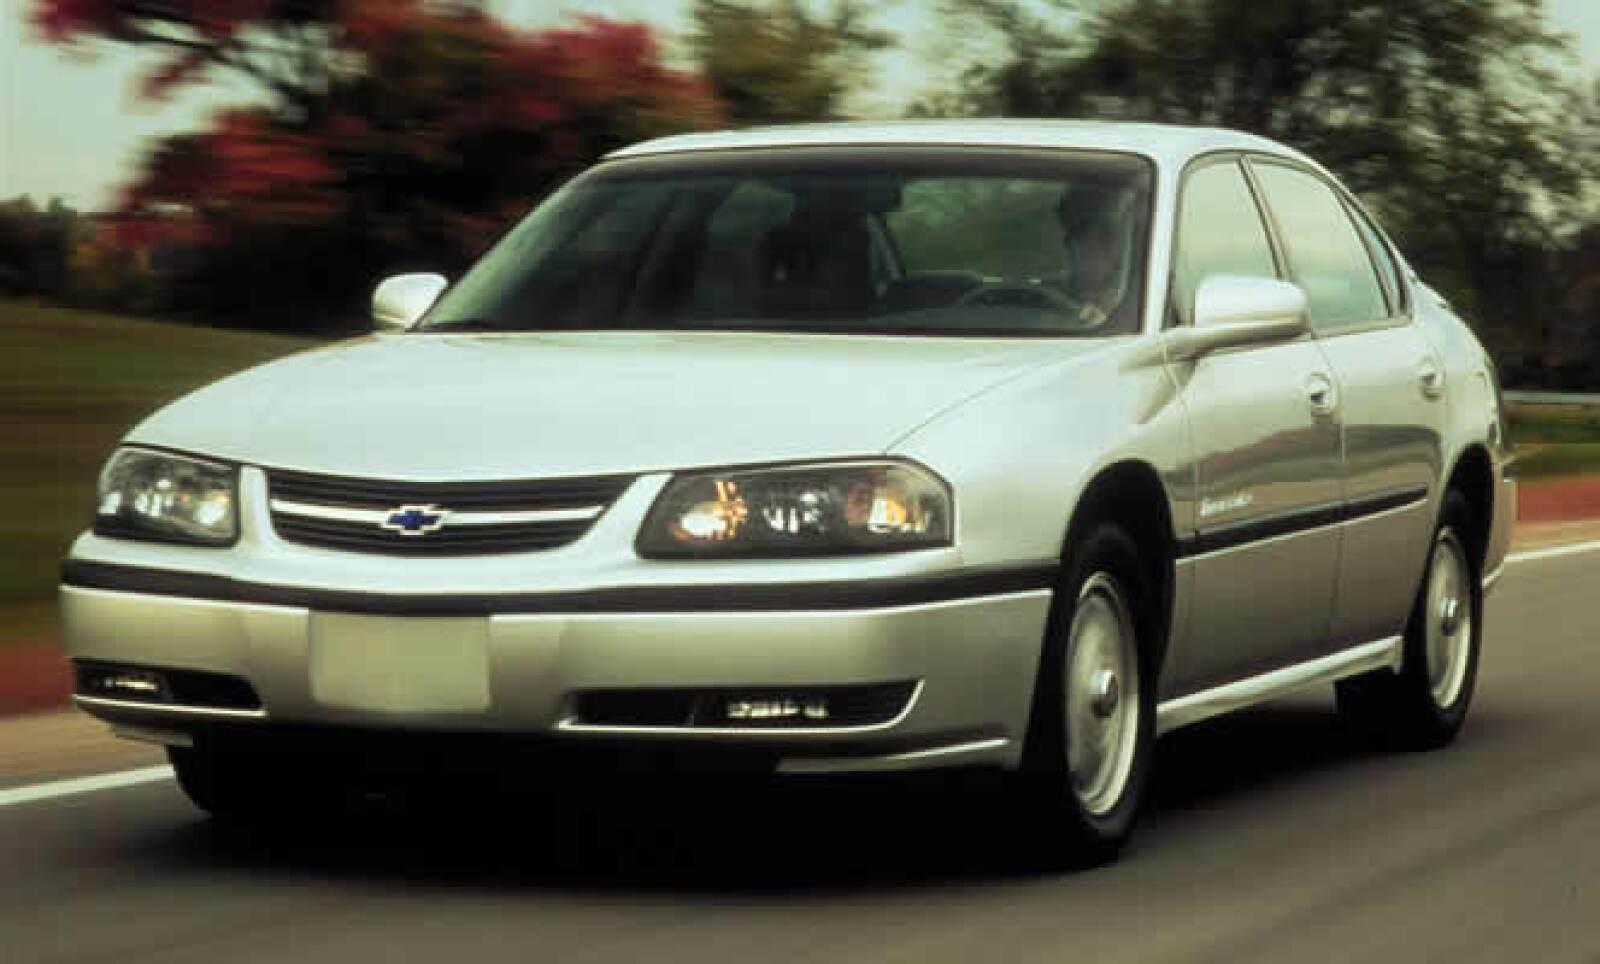 Este modelo salió al mercado en Estados Unidos en 1958,  para 1965 se convirtió en el automóvil más vendido en ese país con 1,046,500 unidades.